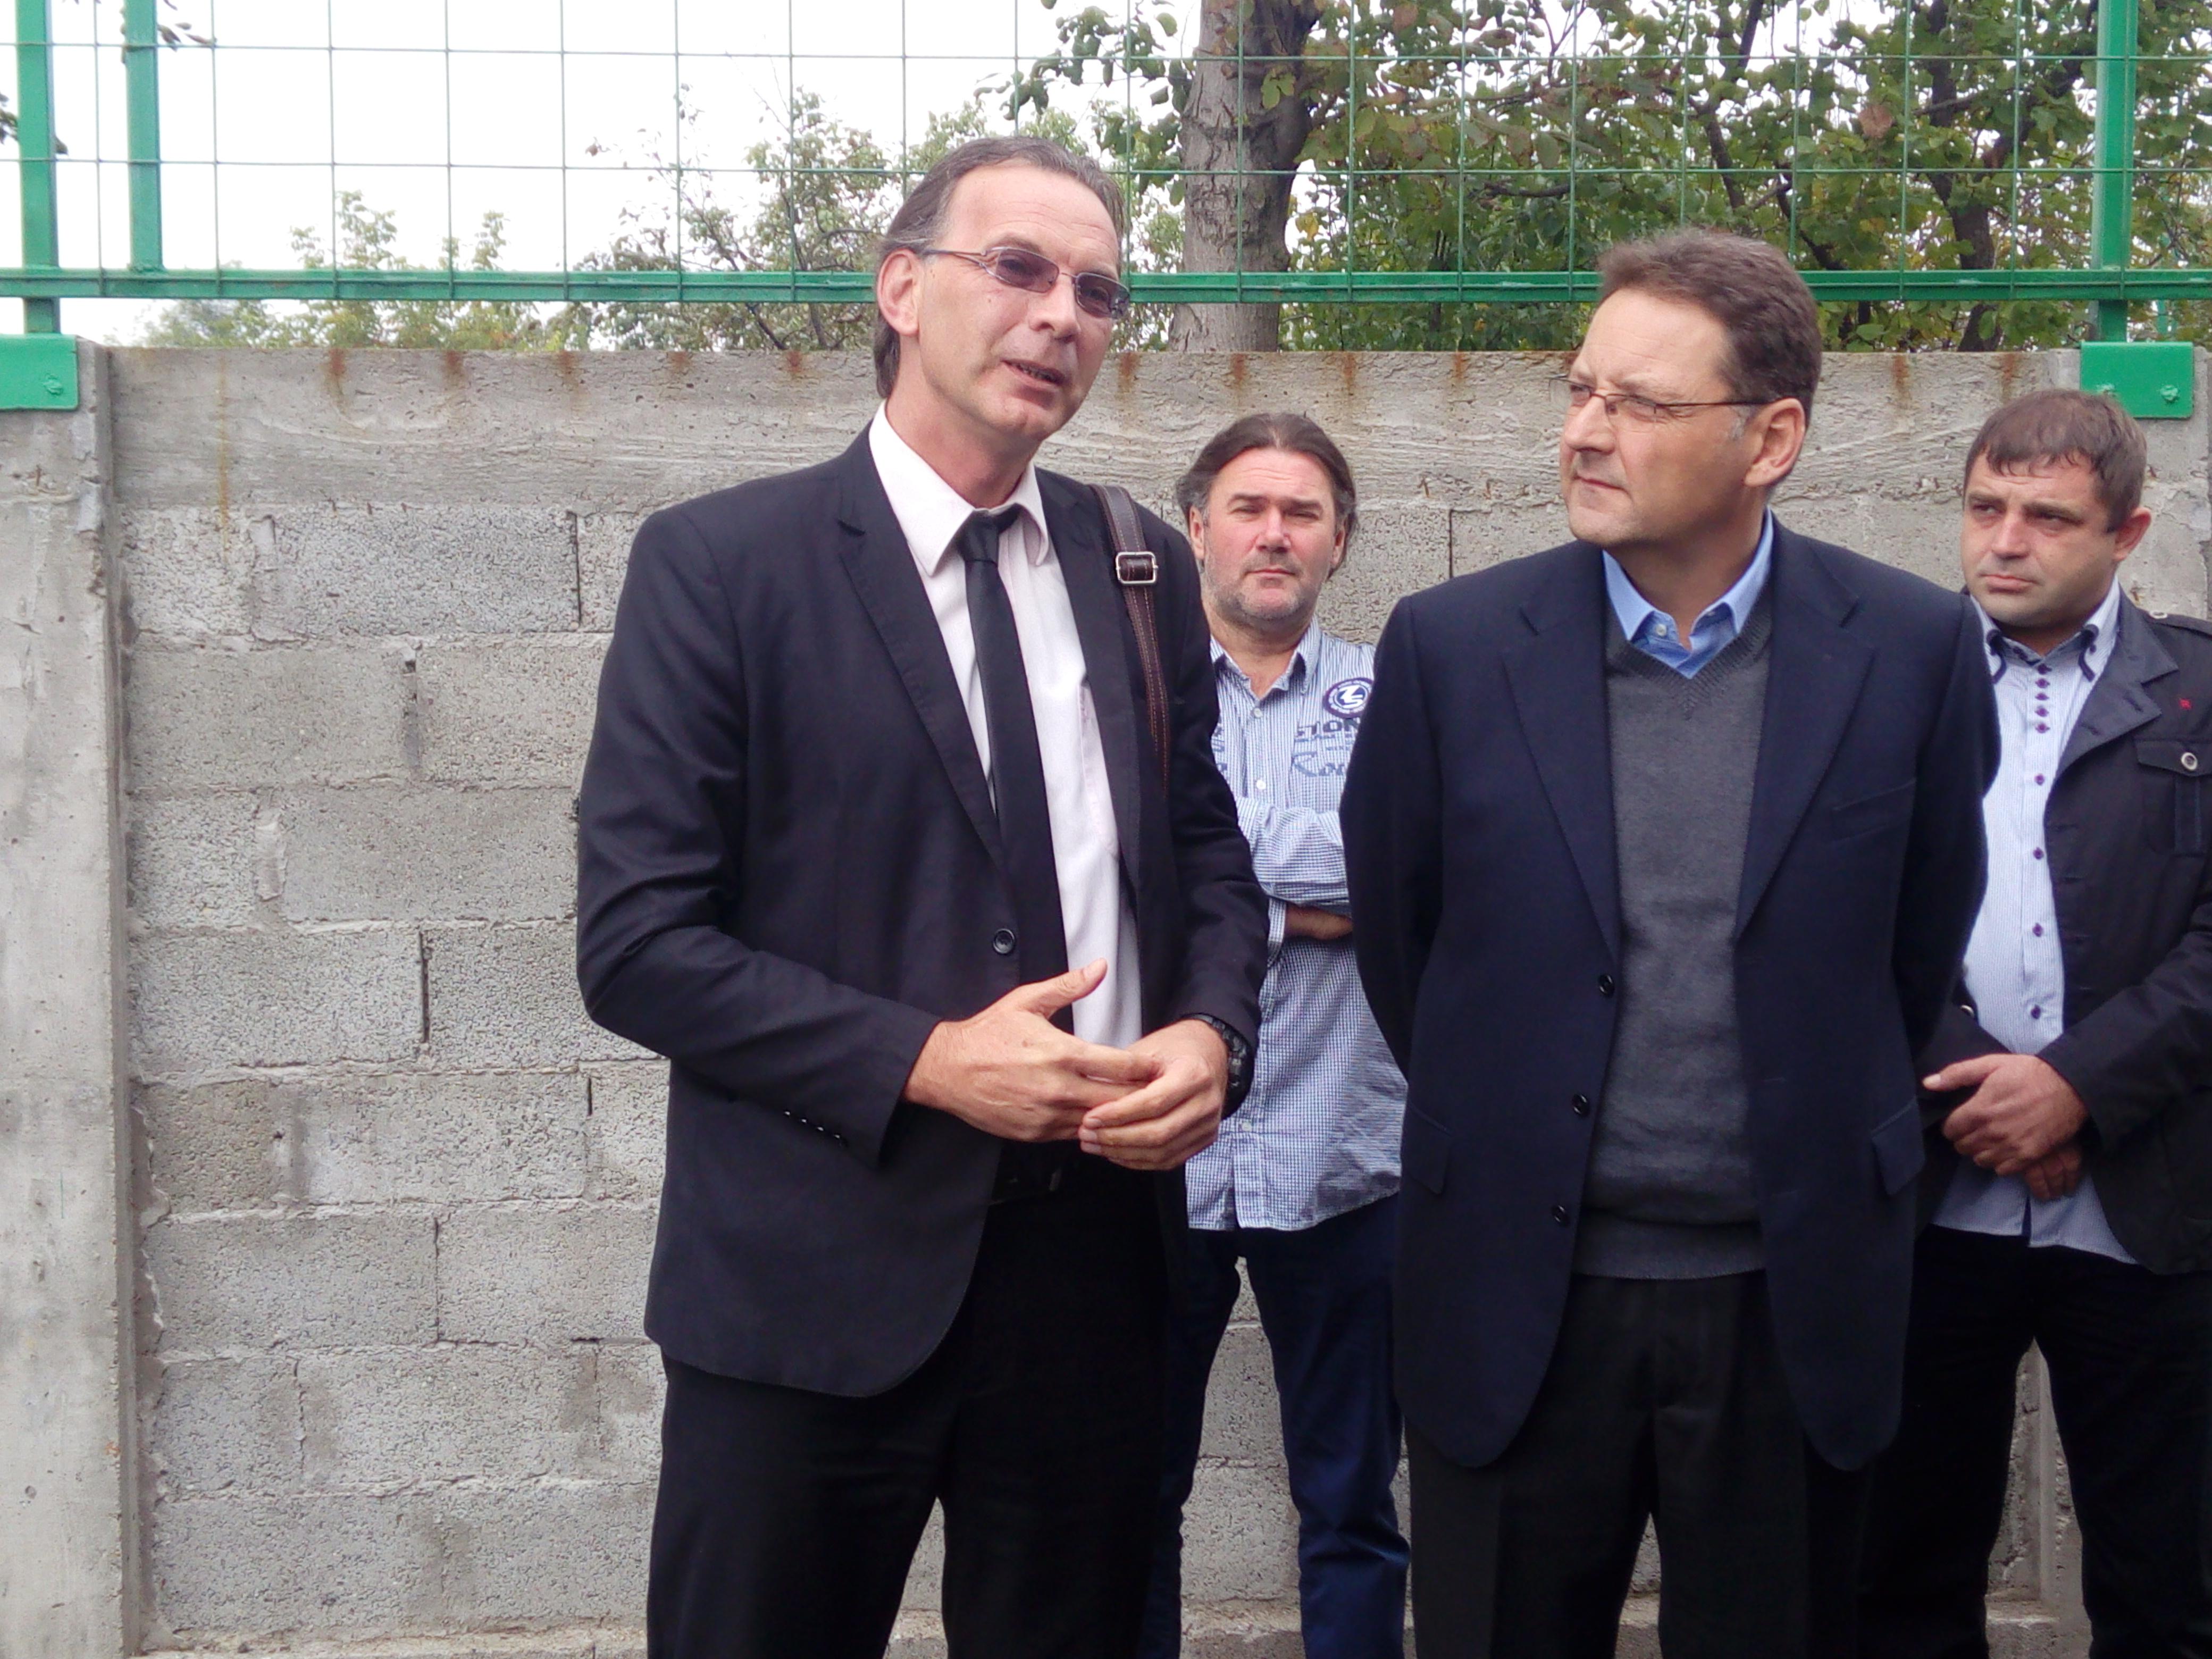 Mr Pavle Počuč kaže da Pokrajinski sekretarijat za privredu priprema programe za pomoć u zapošljavanju invalidnih lica i osoba koje spadaju u ranjivu kategoriju